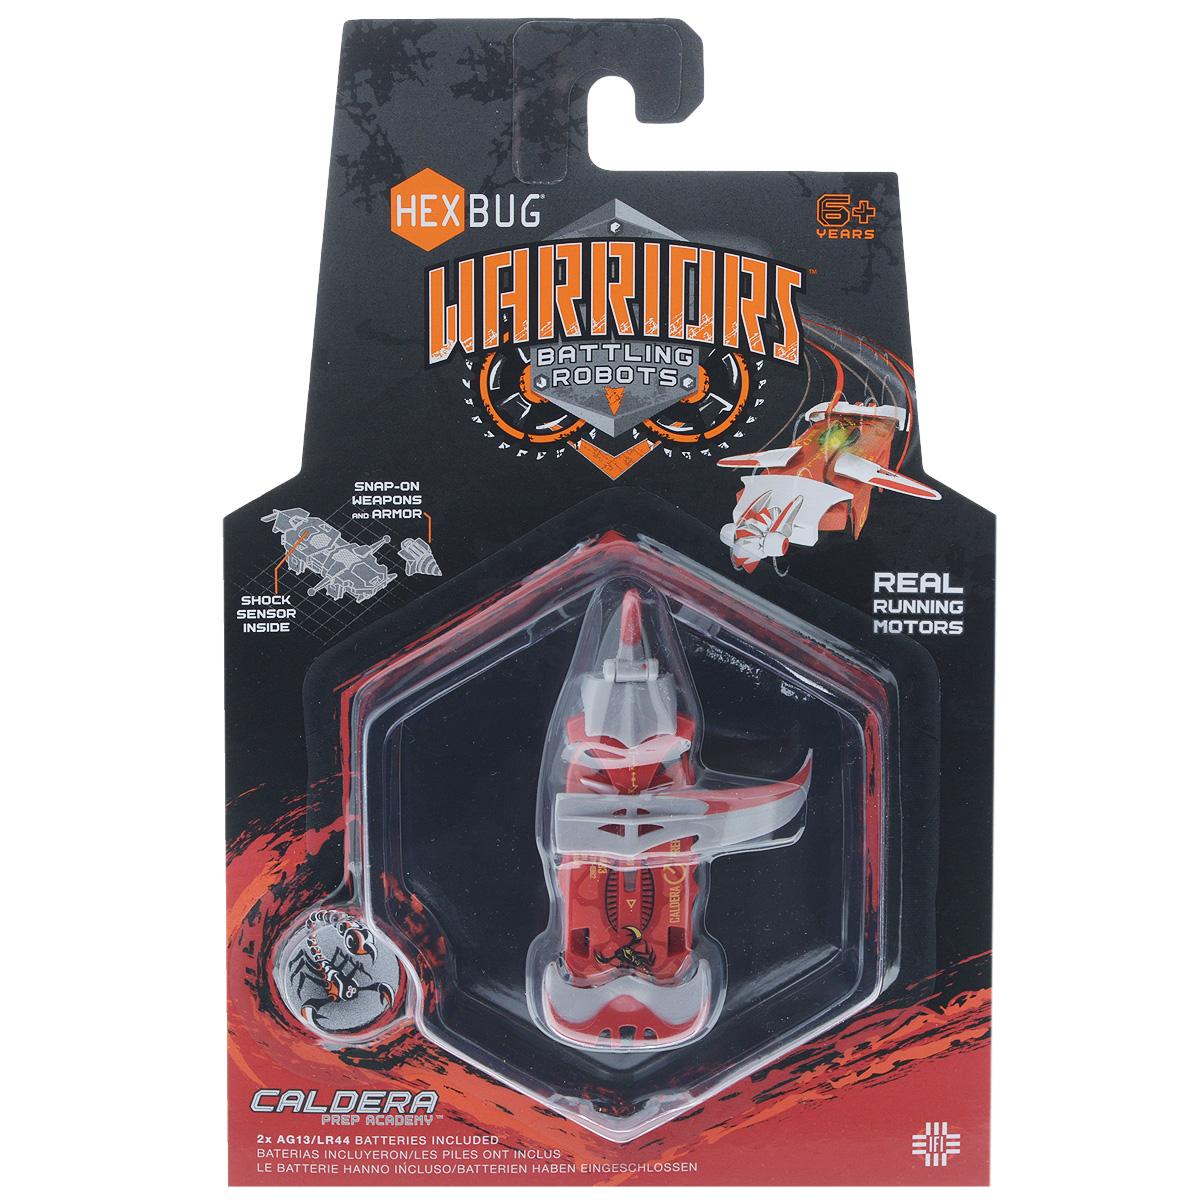 Микро-робот Hexbug Warriors. Caldera, цвет: красный. S1-4B477-1982_S1-4B красныйМикро-робот Hexbug Warriors. Caldera - робот-жук, созданный по уникальной нано-технологии, он имеет мощный электромотор, за счет вибрации которого он движется вперед и сметает все на своем пути. Микро-робот оснащен сменными элементами кинетической амуниции, датчиком удара, функцией контроля уровня здоровья. Доступны 2 уровня игры: тренировка и битва. В режиме Тренировка датчик удара и функция контроля уровня здоровья отключены. В режиме Битва каждый удар снижает уровень здоровья микро-робота. Подготовьте бойца к сражению, нажмите на кнопку и удерживайте ее в течение трех секунд, когда загорится зеленый индикатор жизни - смело отпускайте его в бой. Для работы микро-робота необходимы 2 батареи типа LR44 (входят в комплект).